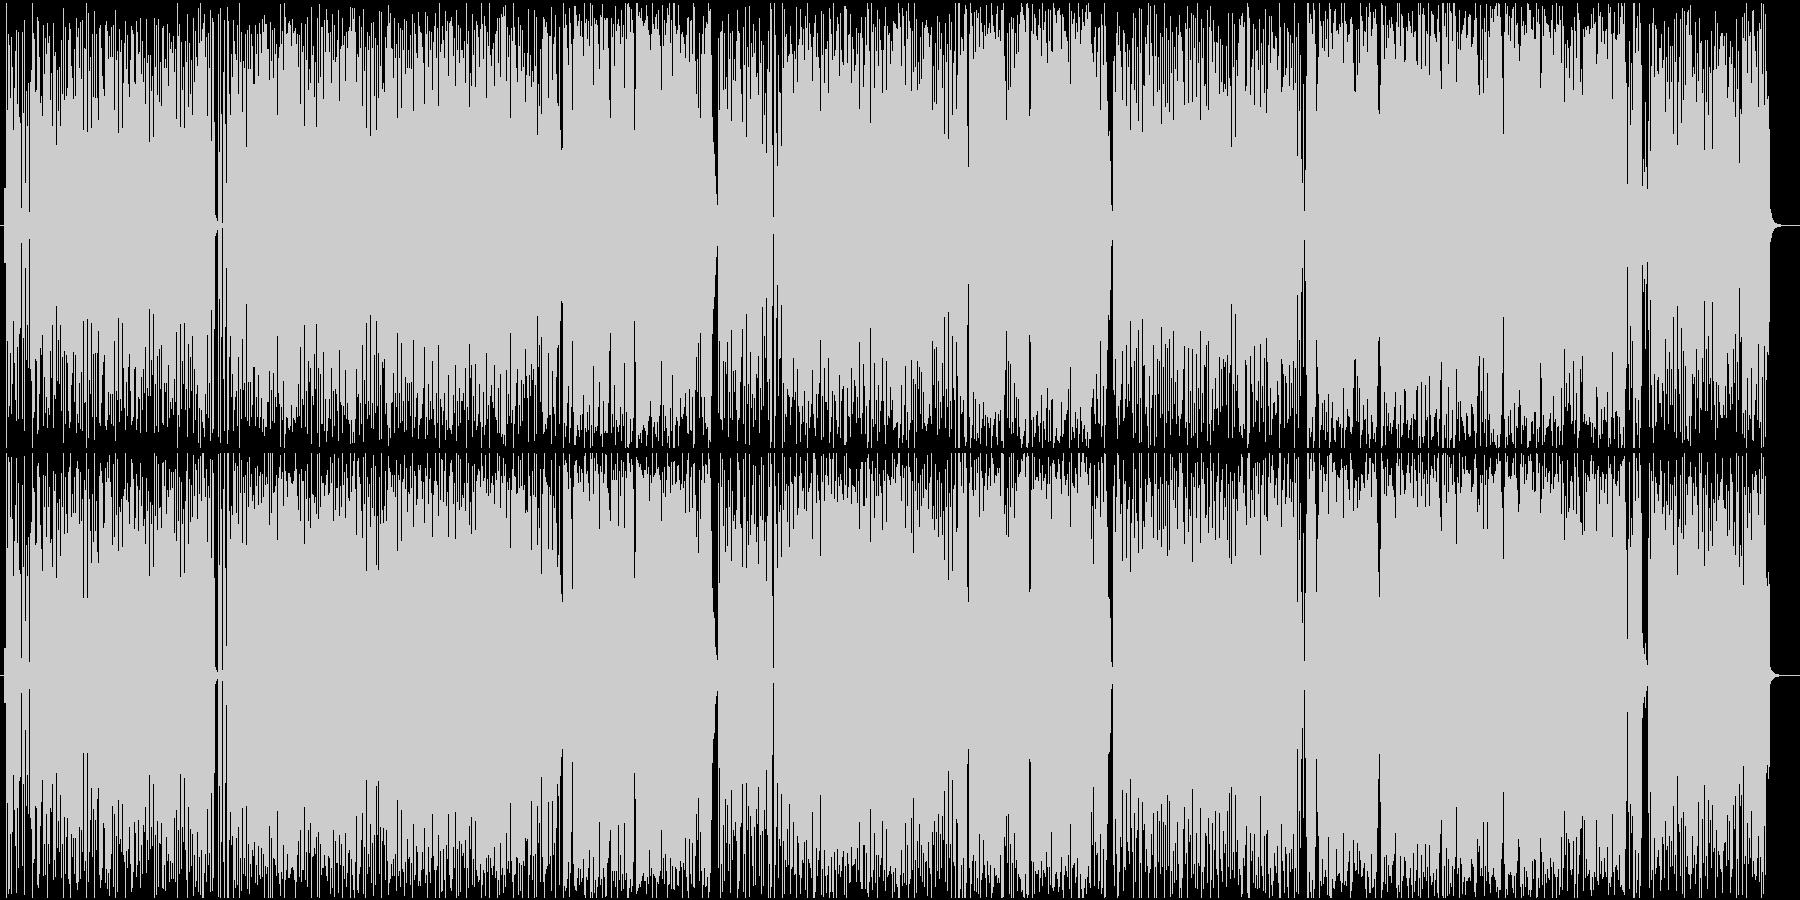 熱帯夜をイメージしたソウルナンバーの未再生の波形